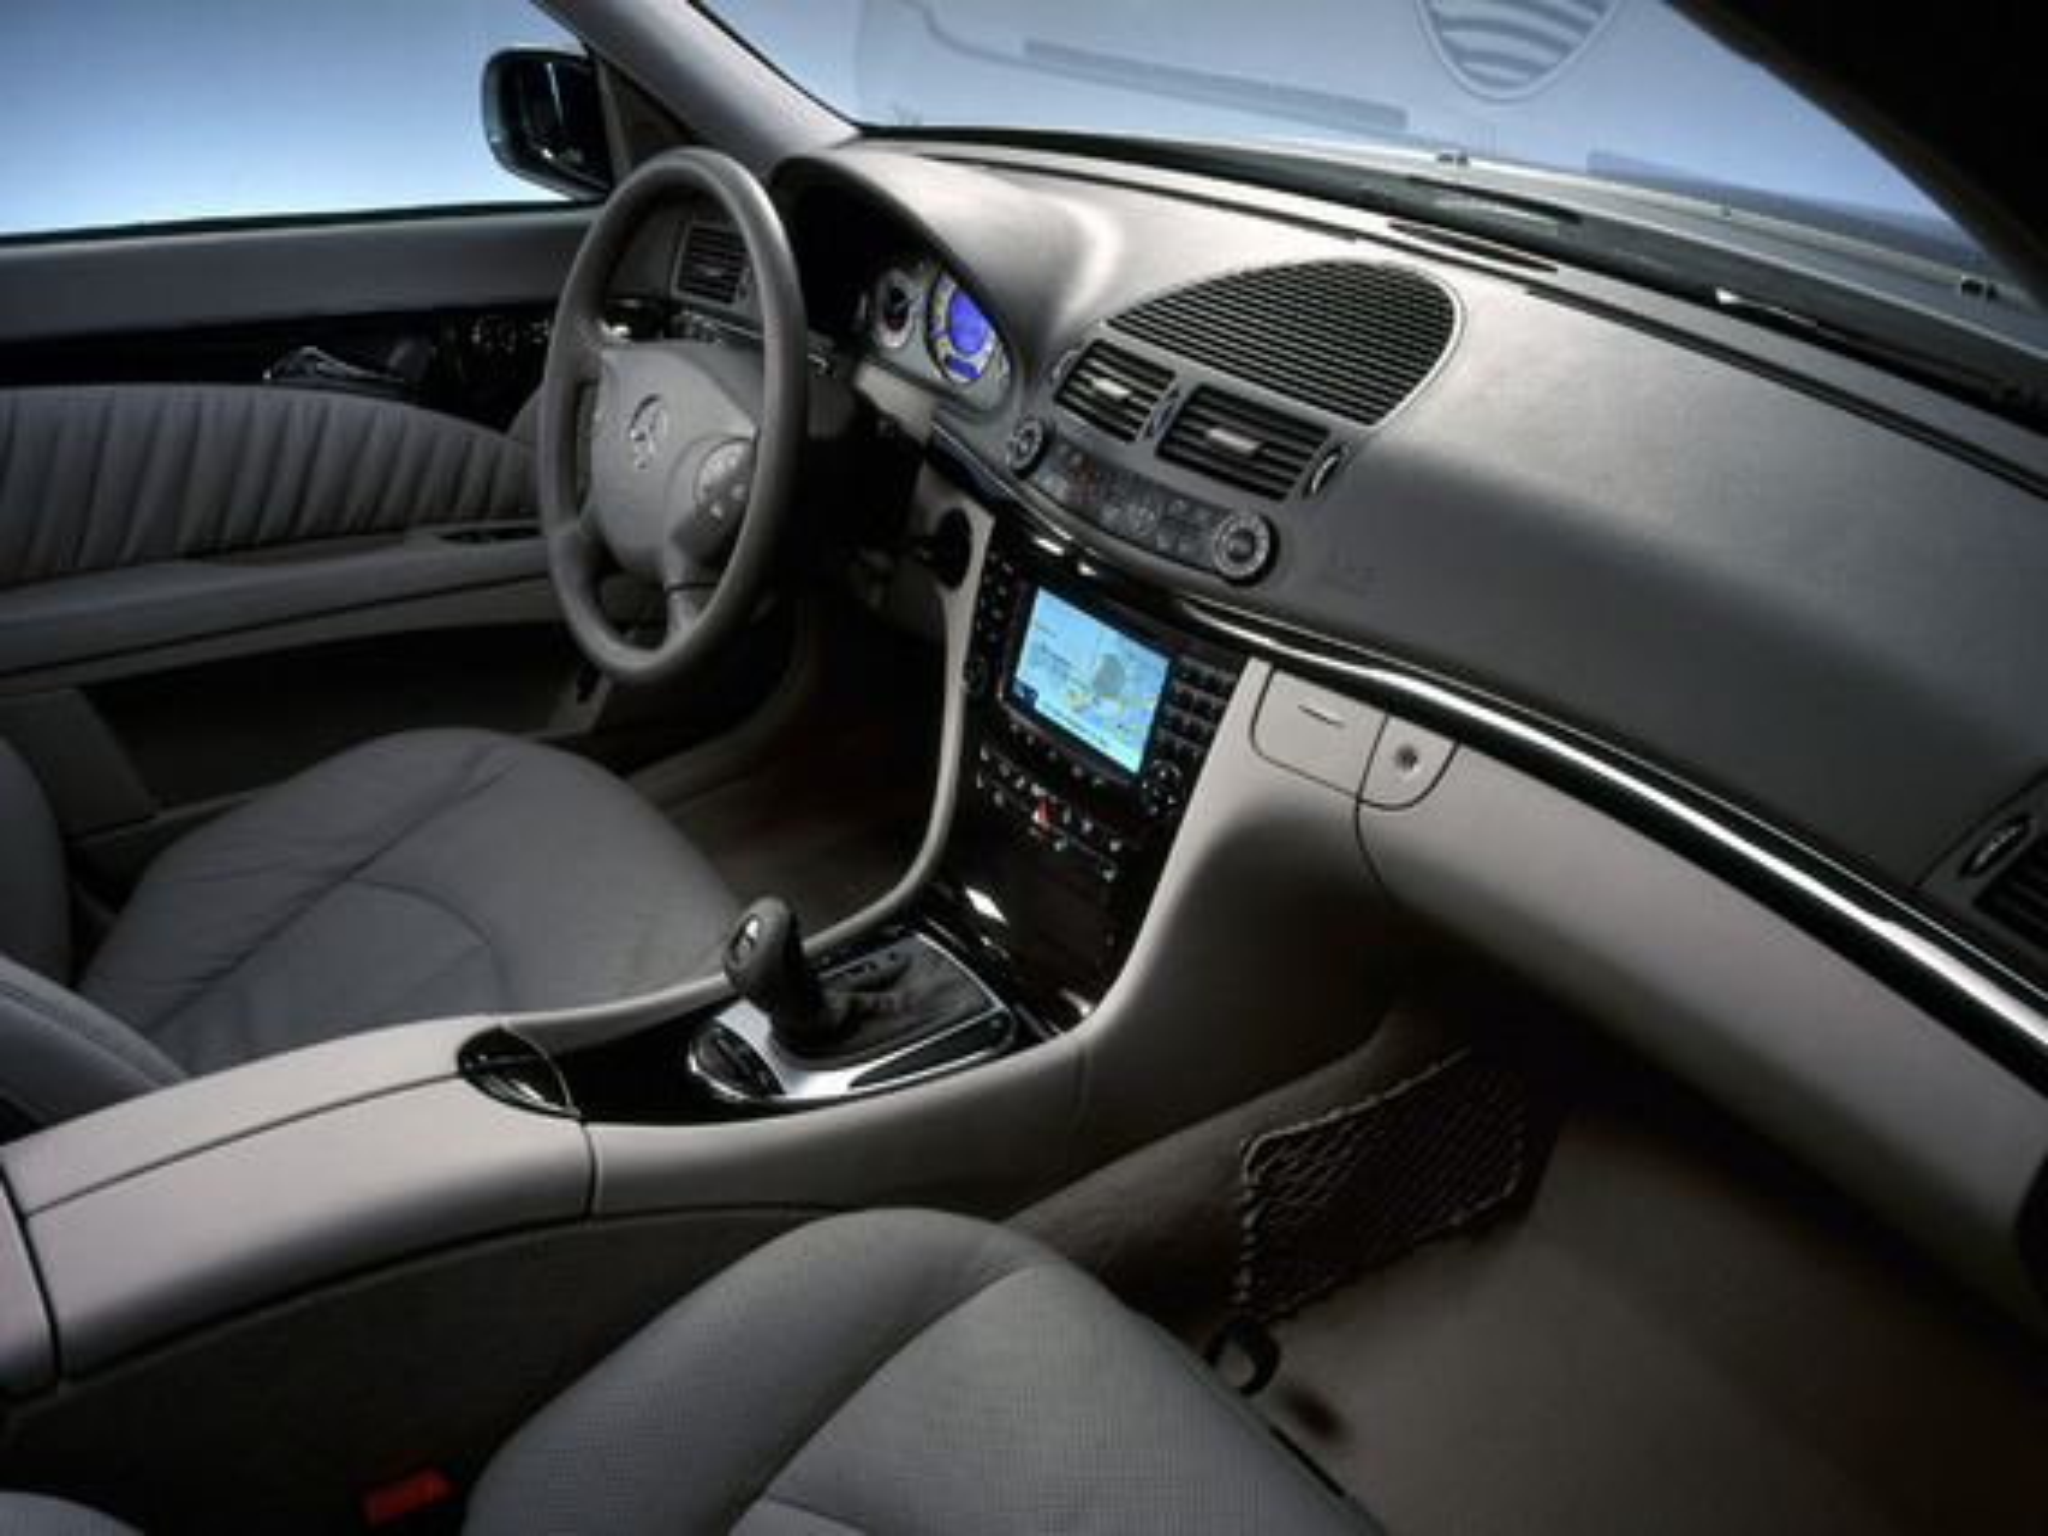 В каких случаях загорается сигнализатор PASSENGER AIRBAG OFF на центральной консоли Mercedes E-Class (W211)